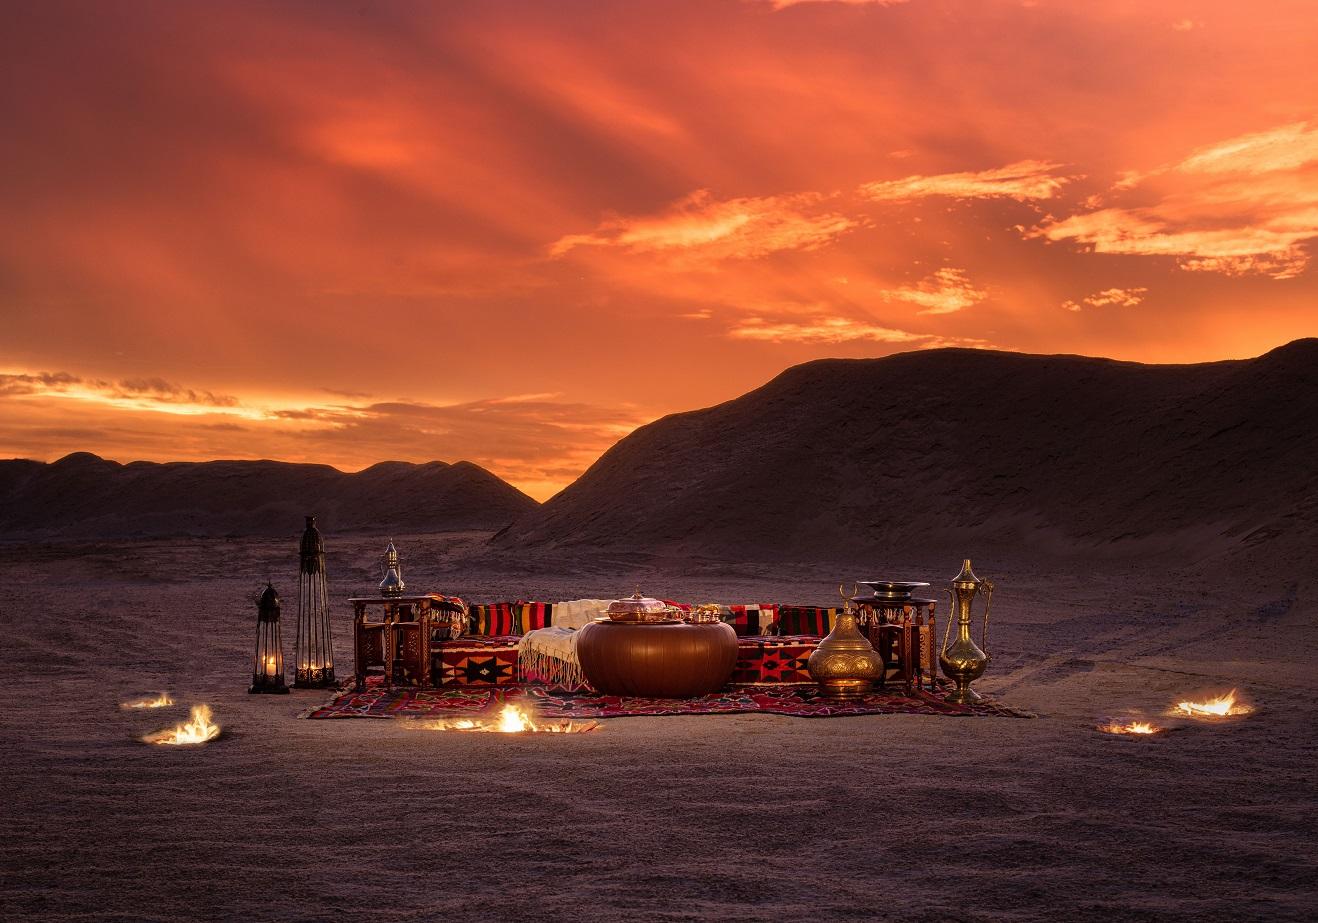 اكتشف منتجعاً مفعماً بالفخامة في صحراء تونس